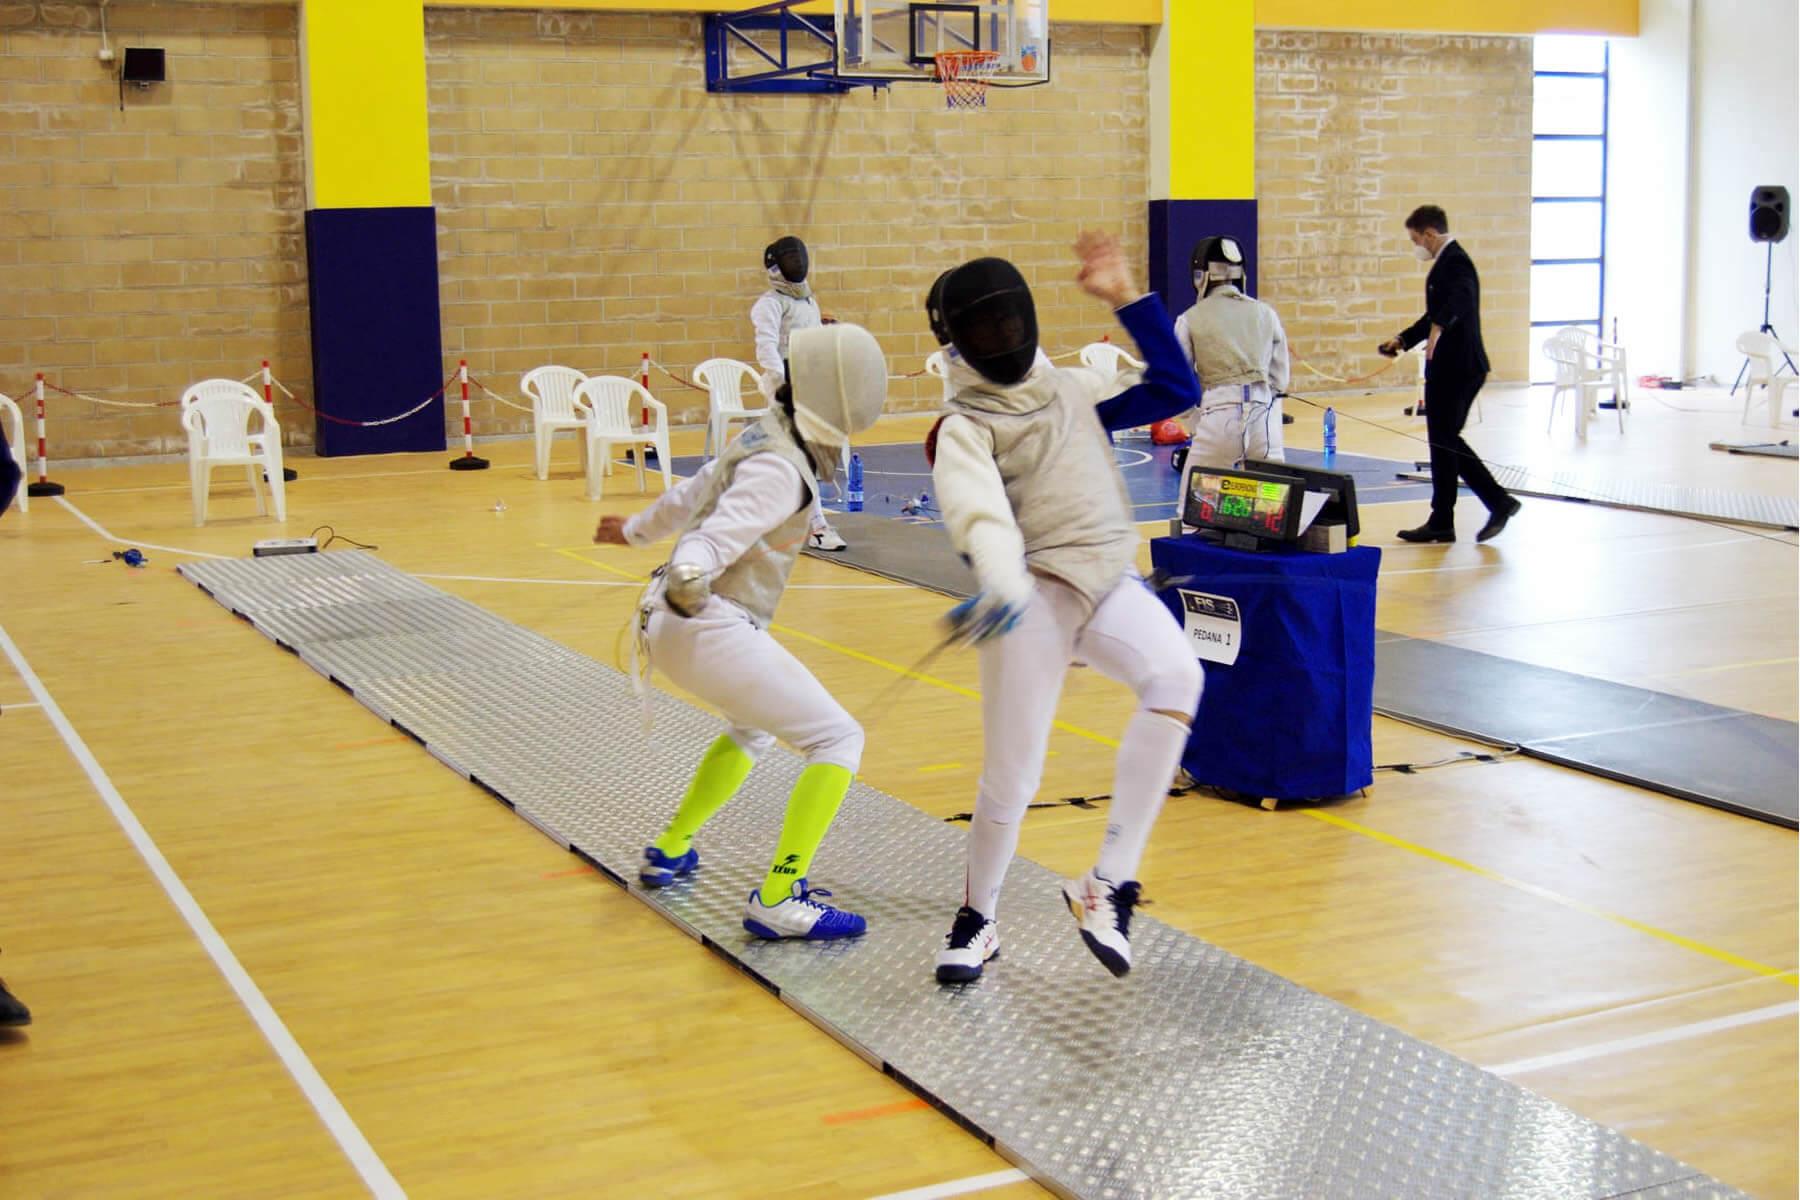 Prova di qualificazione Cadetti e Giovani: un acrobatico Martire in azione